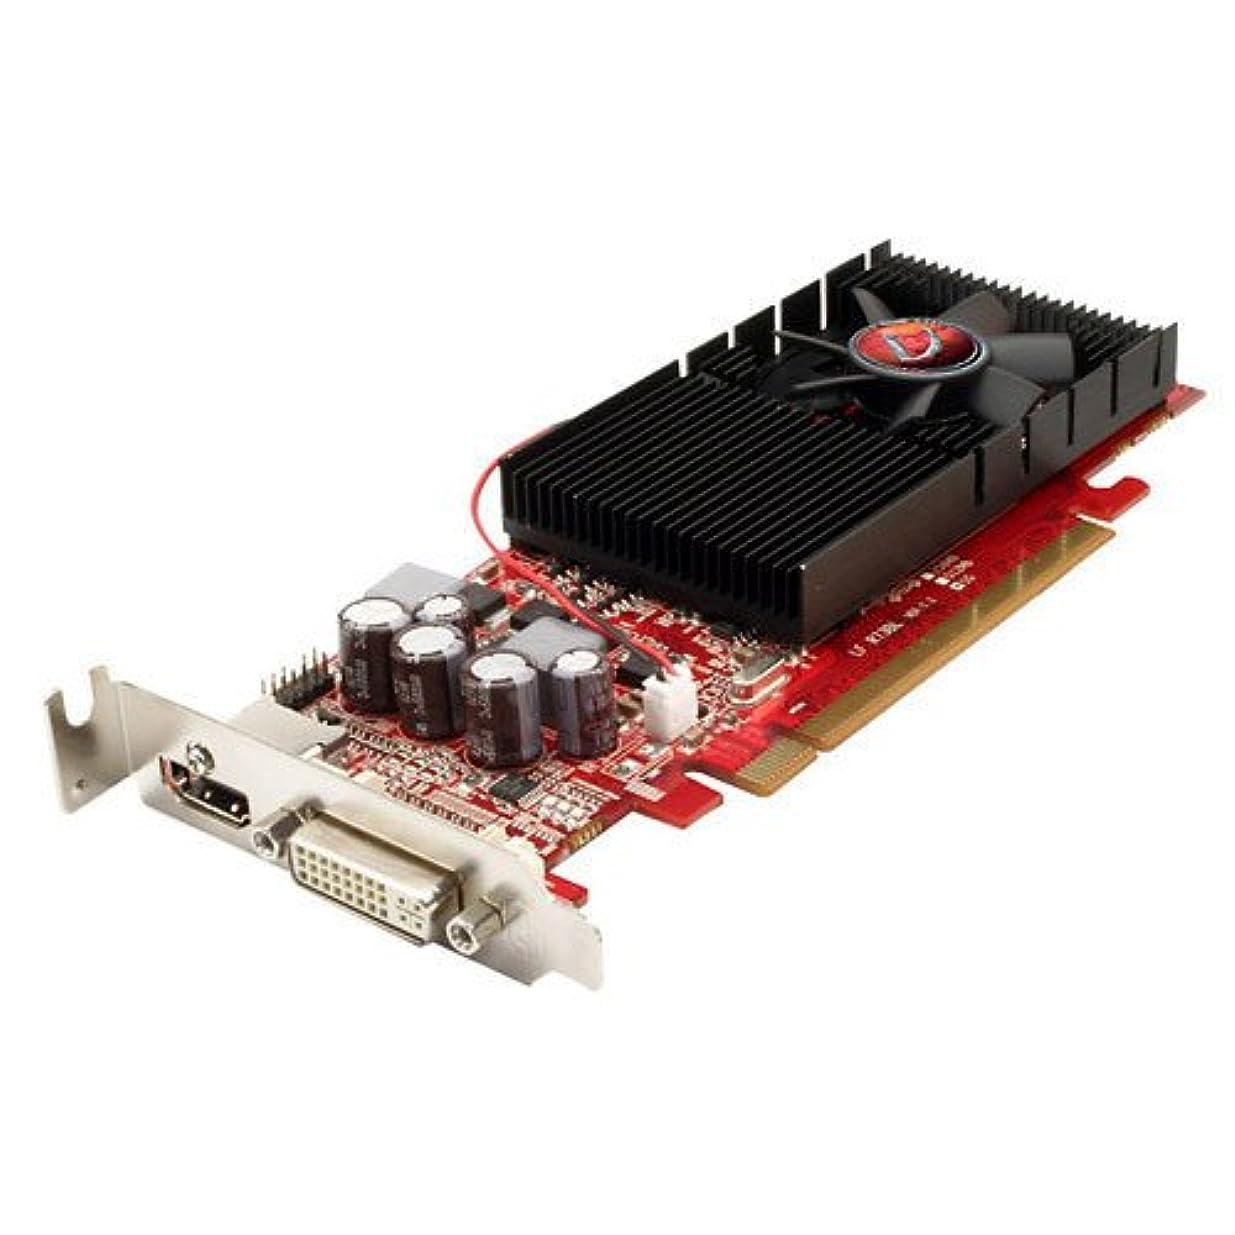 現金トリクルコンプライアンスVisionTek Radeon 4650 SFF 1GB DDR3 (DVI-I、HDMI、VGAグラフィックスカード - 900276